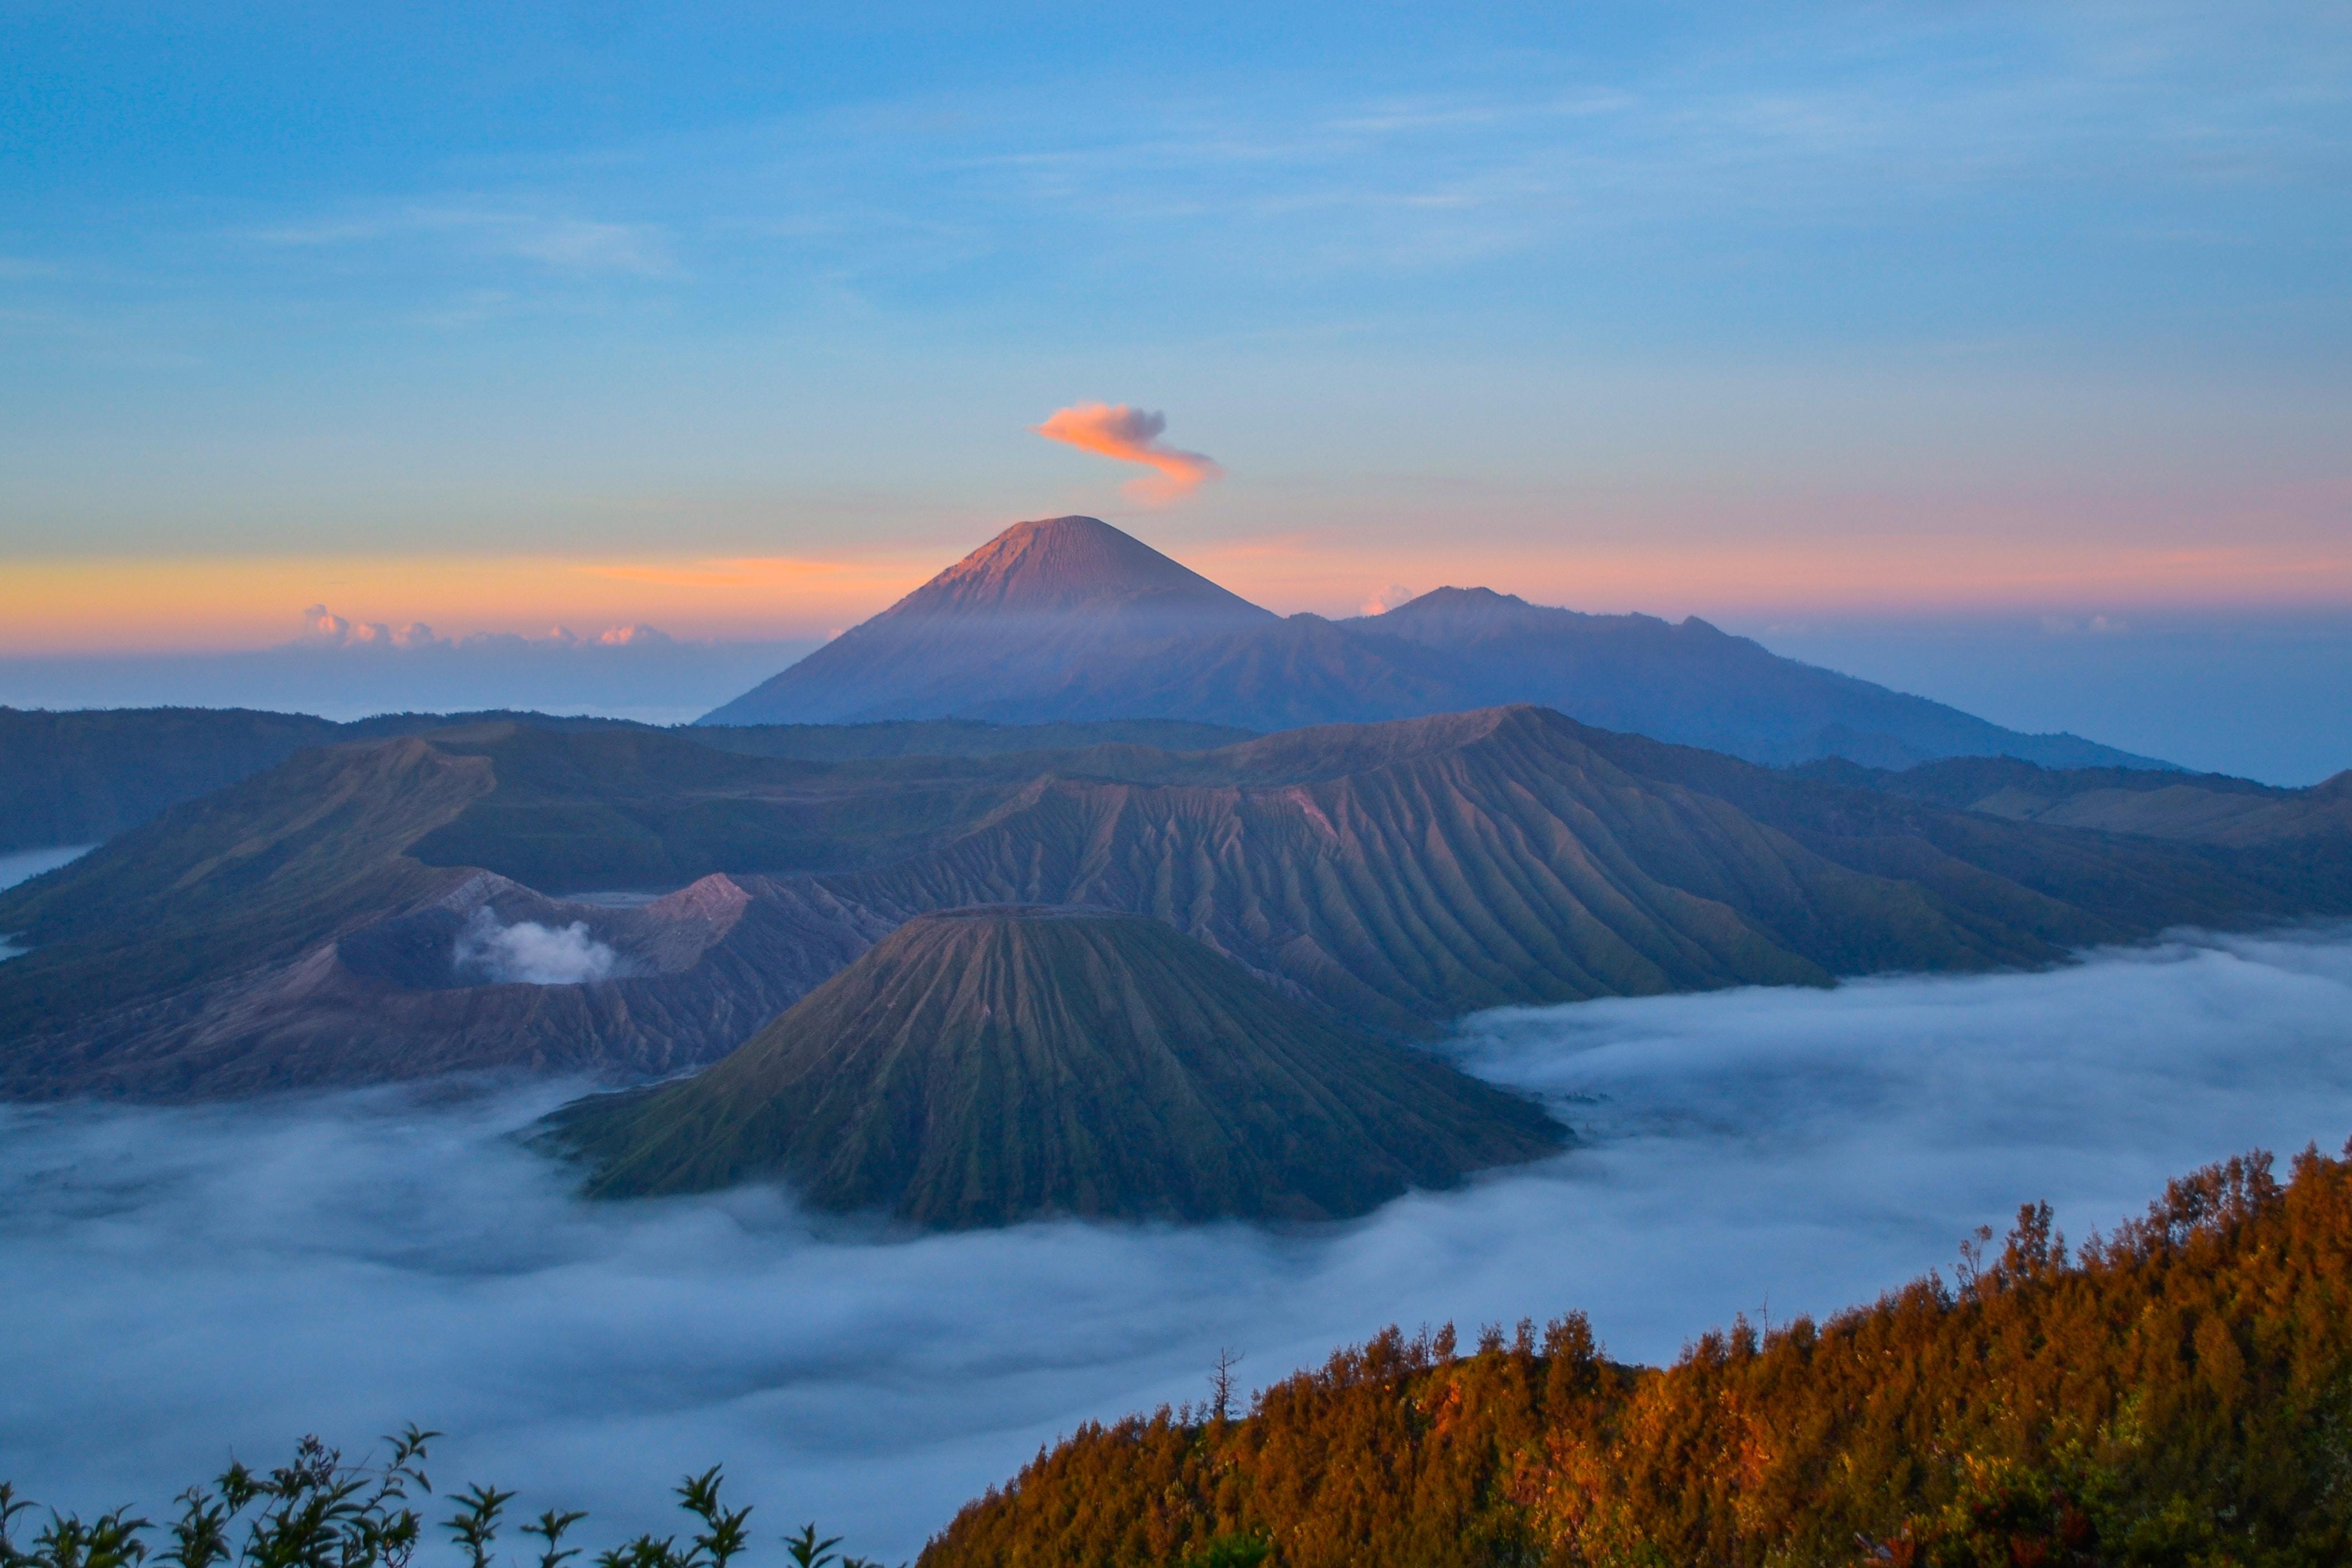 bird's-eye view photo of mountain